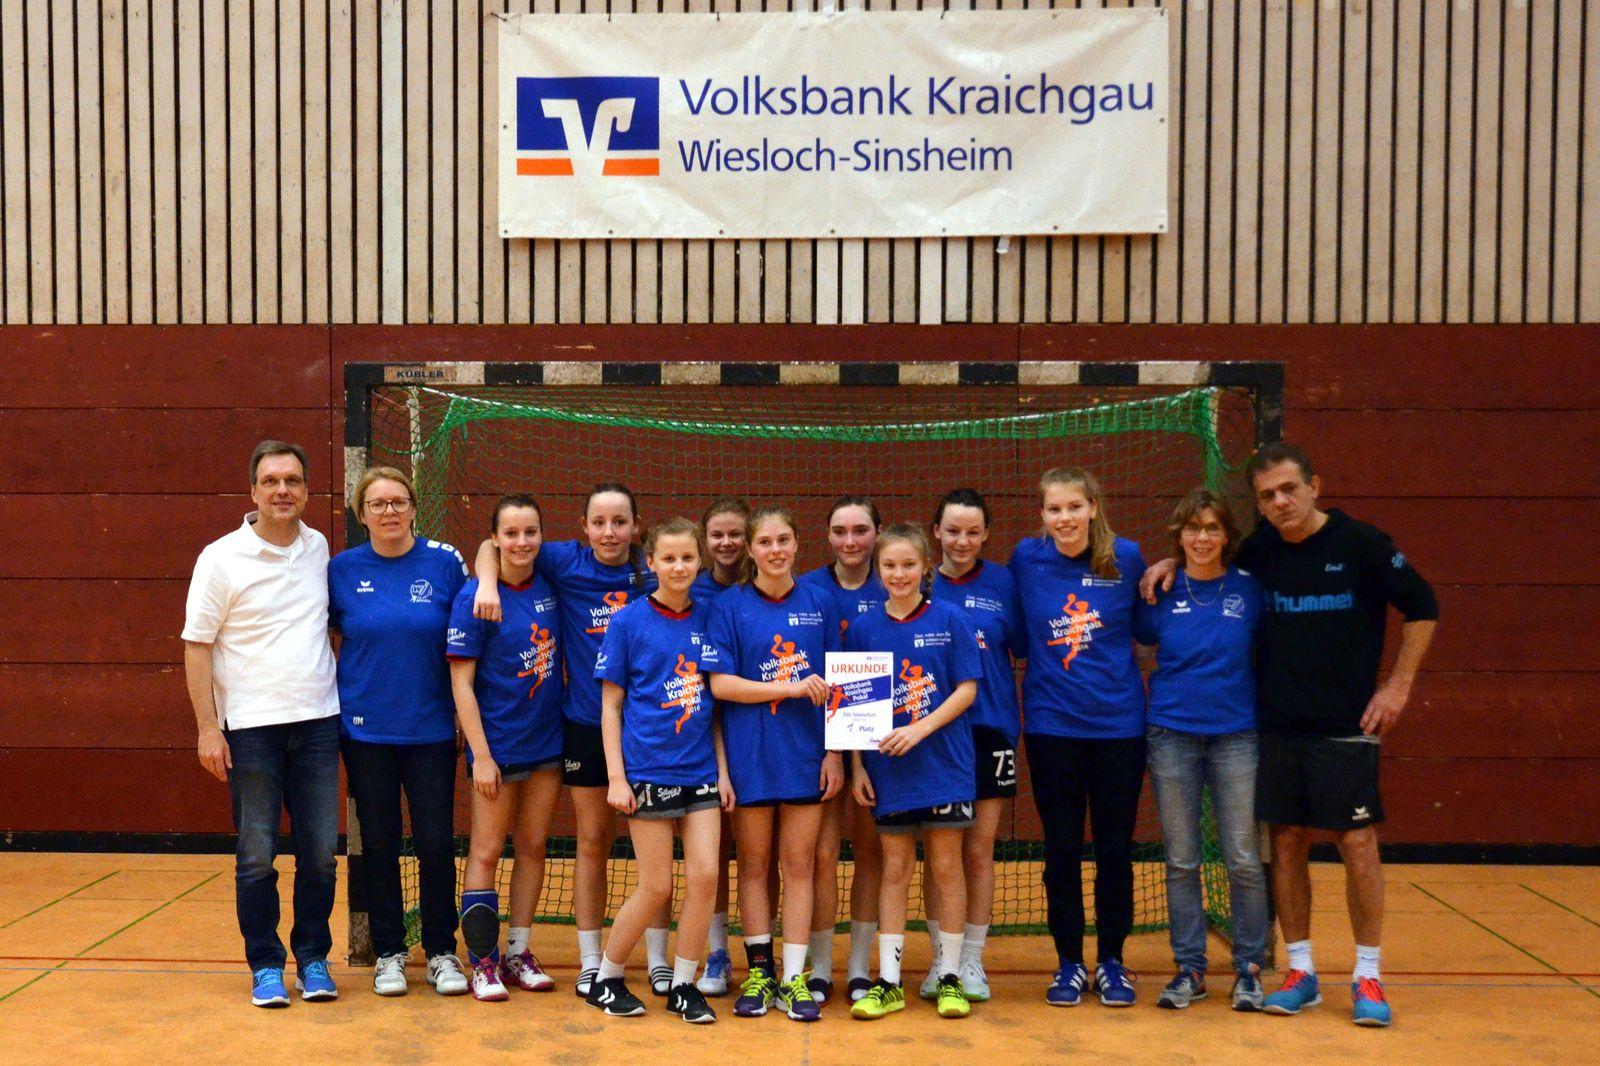 20160110_wJC - VB Kraichgau Pokal 2016_DSC_4616